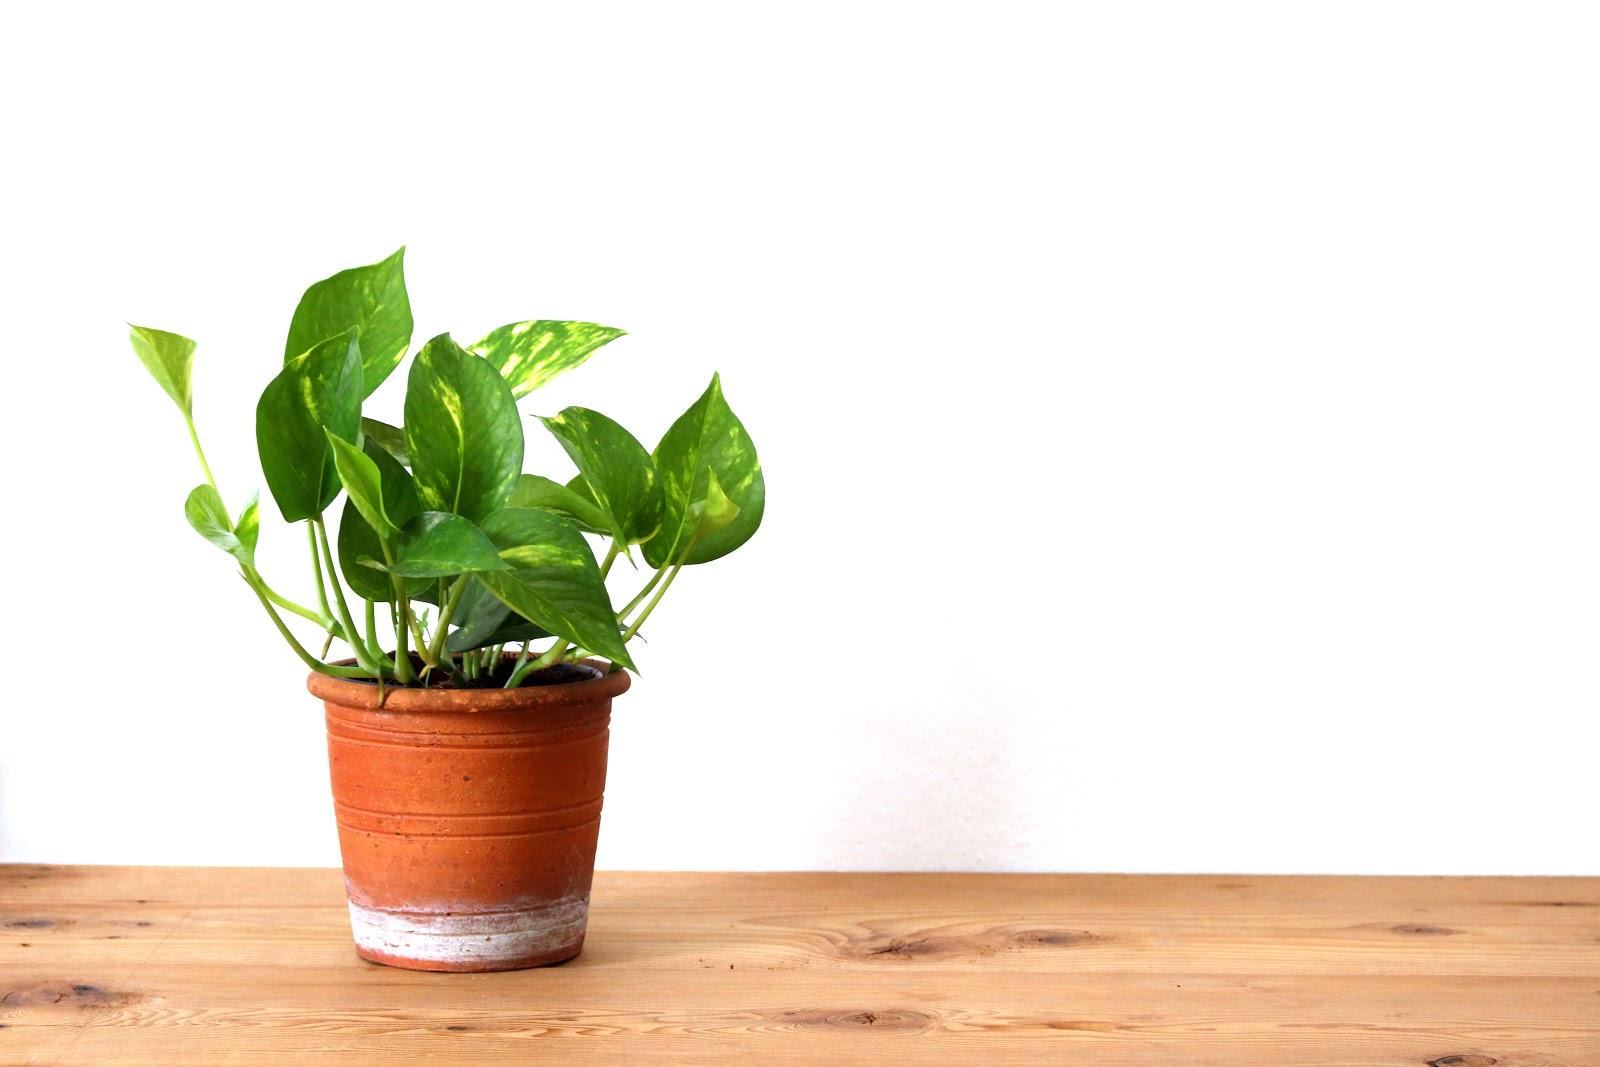 pothos plant care: pothos plant in a pot